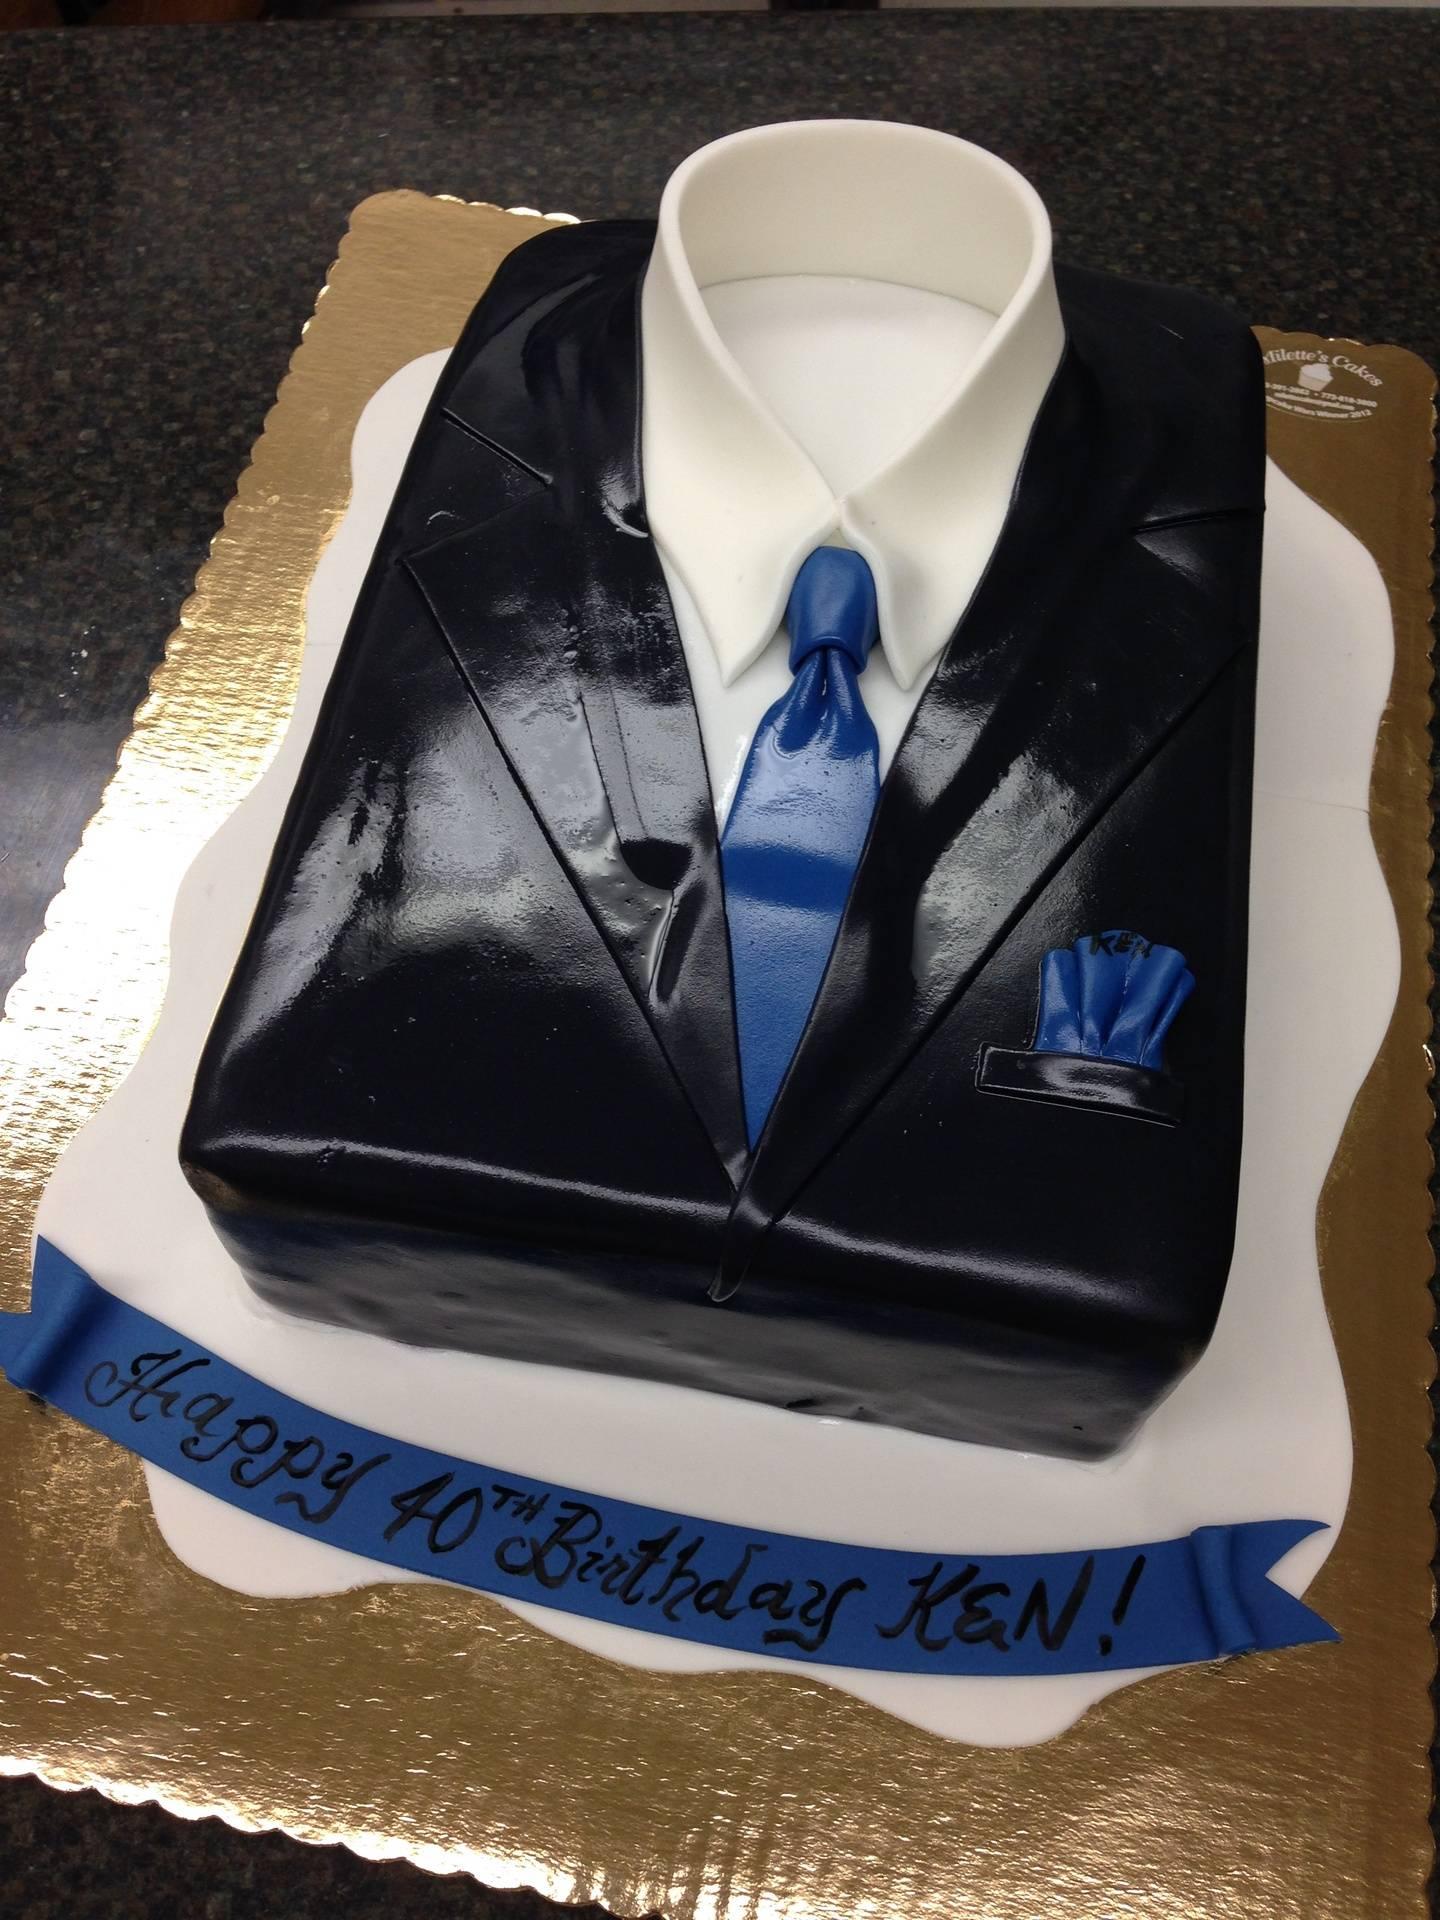 Black Suit Cake